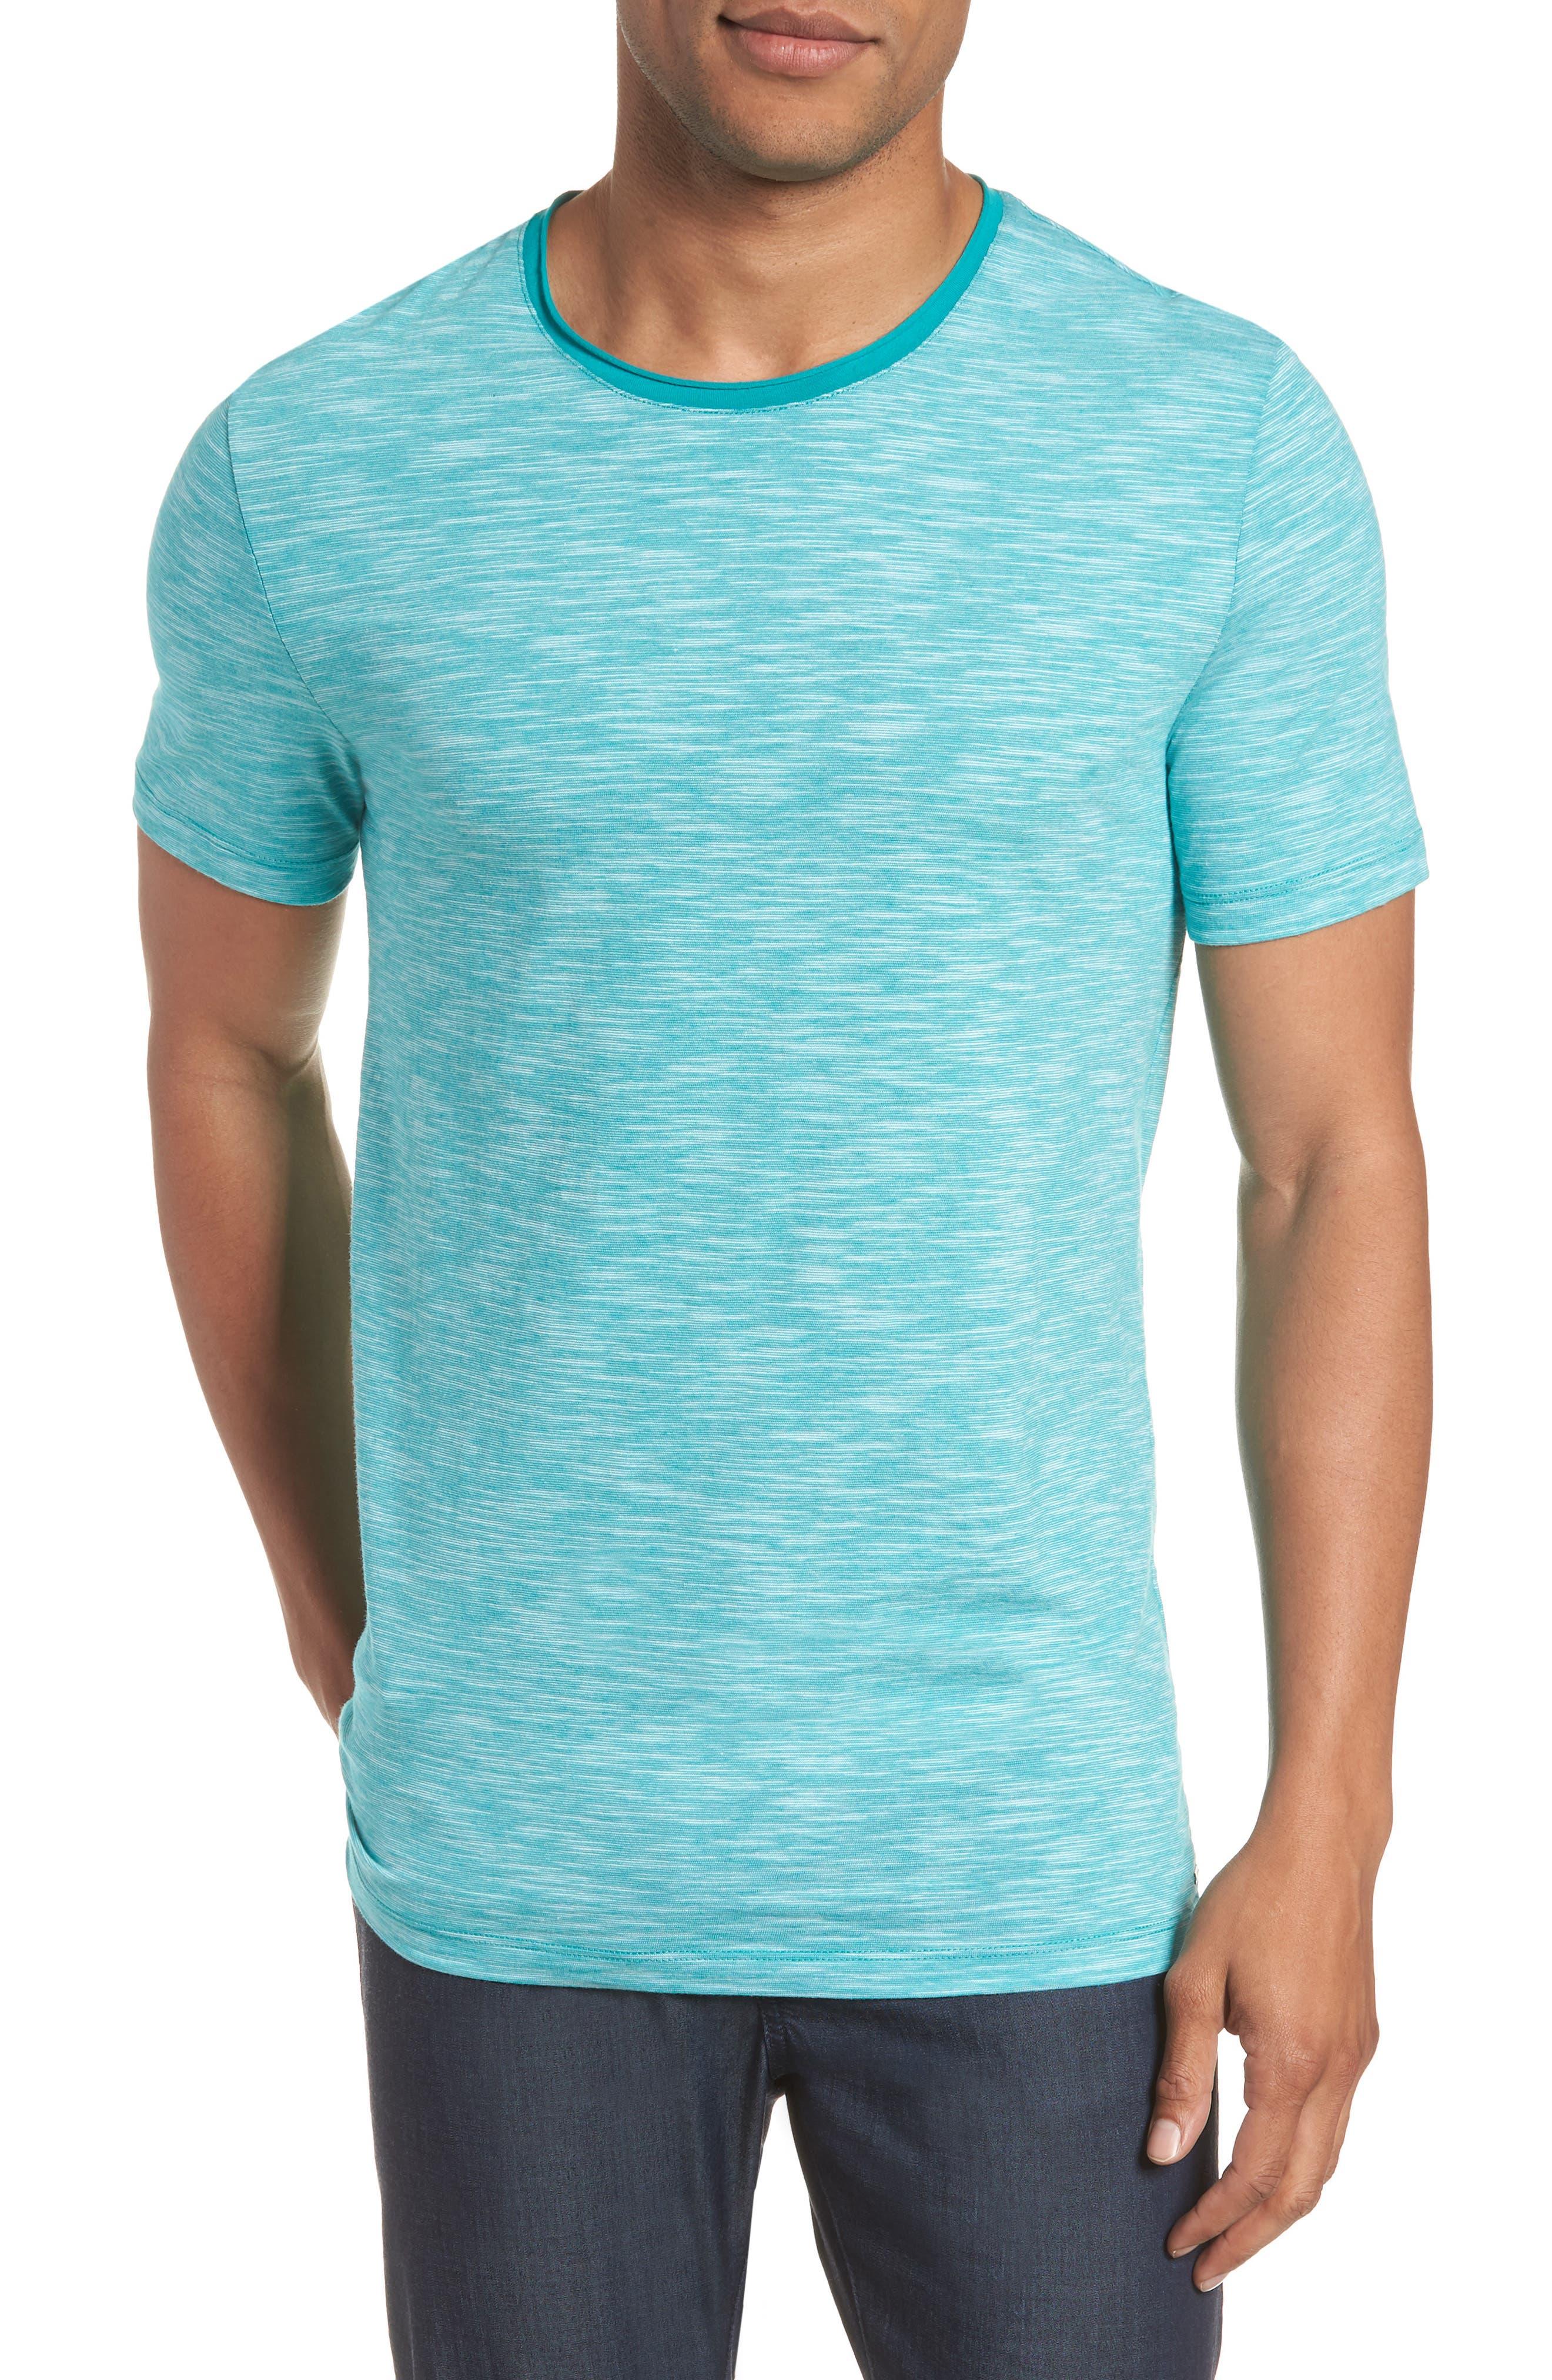 Tiburt 68 Flame T-Shirt,                         Main,                         color, 312